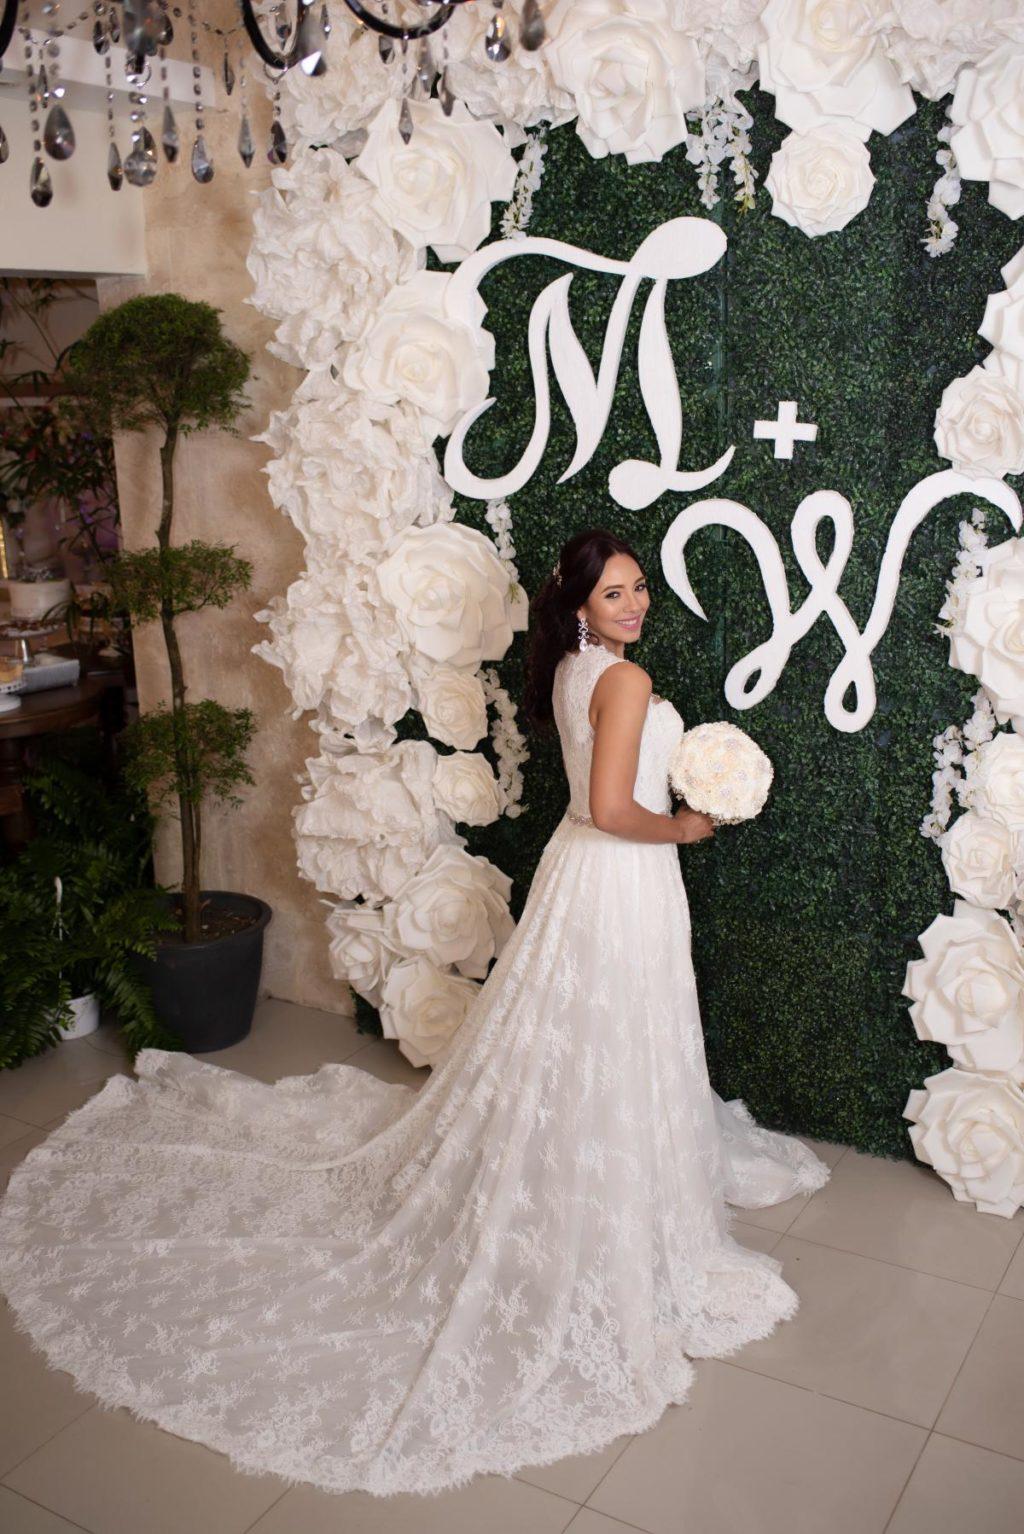 Traje de novia santiago rep dominicana vigsel store